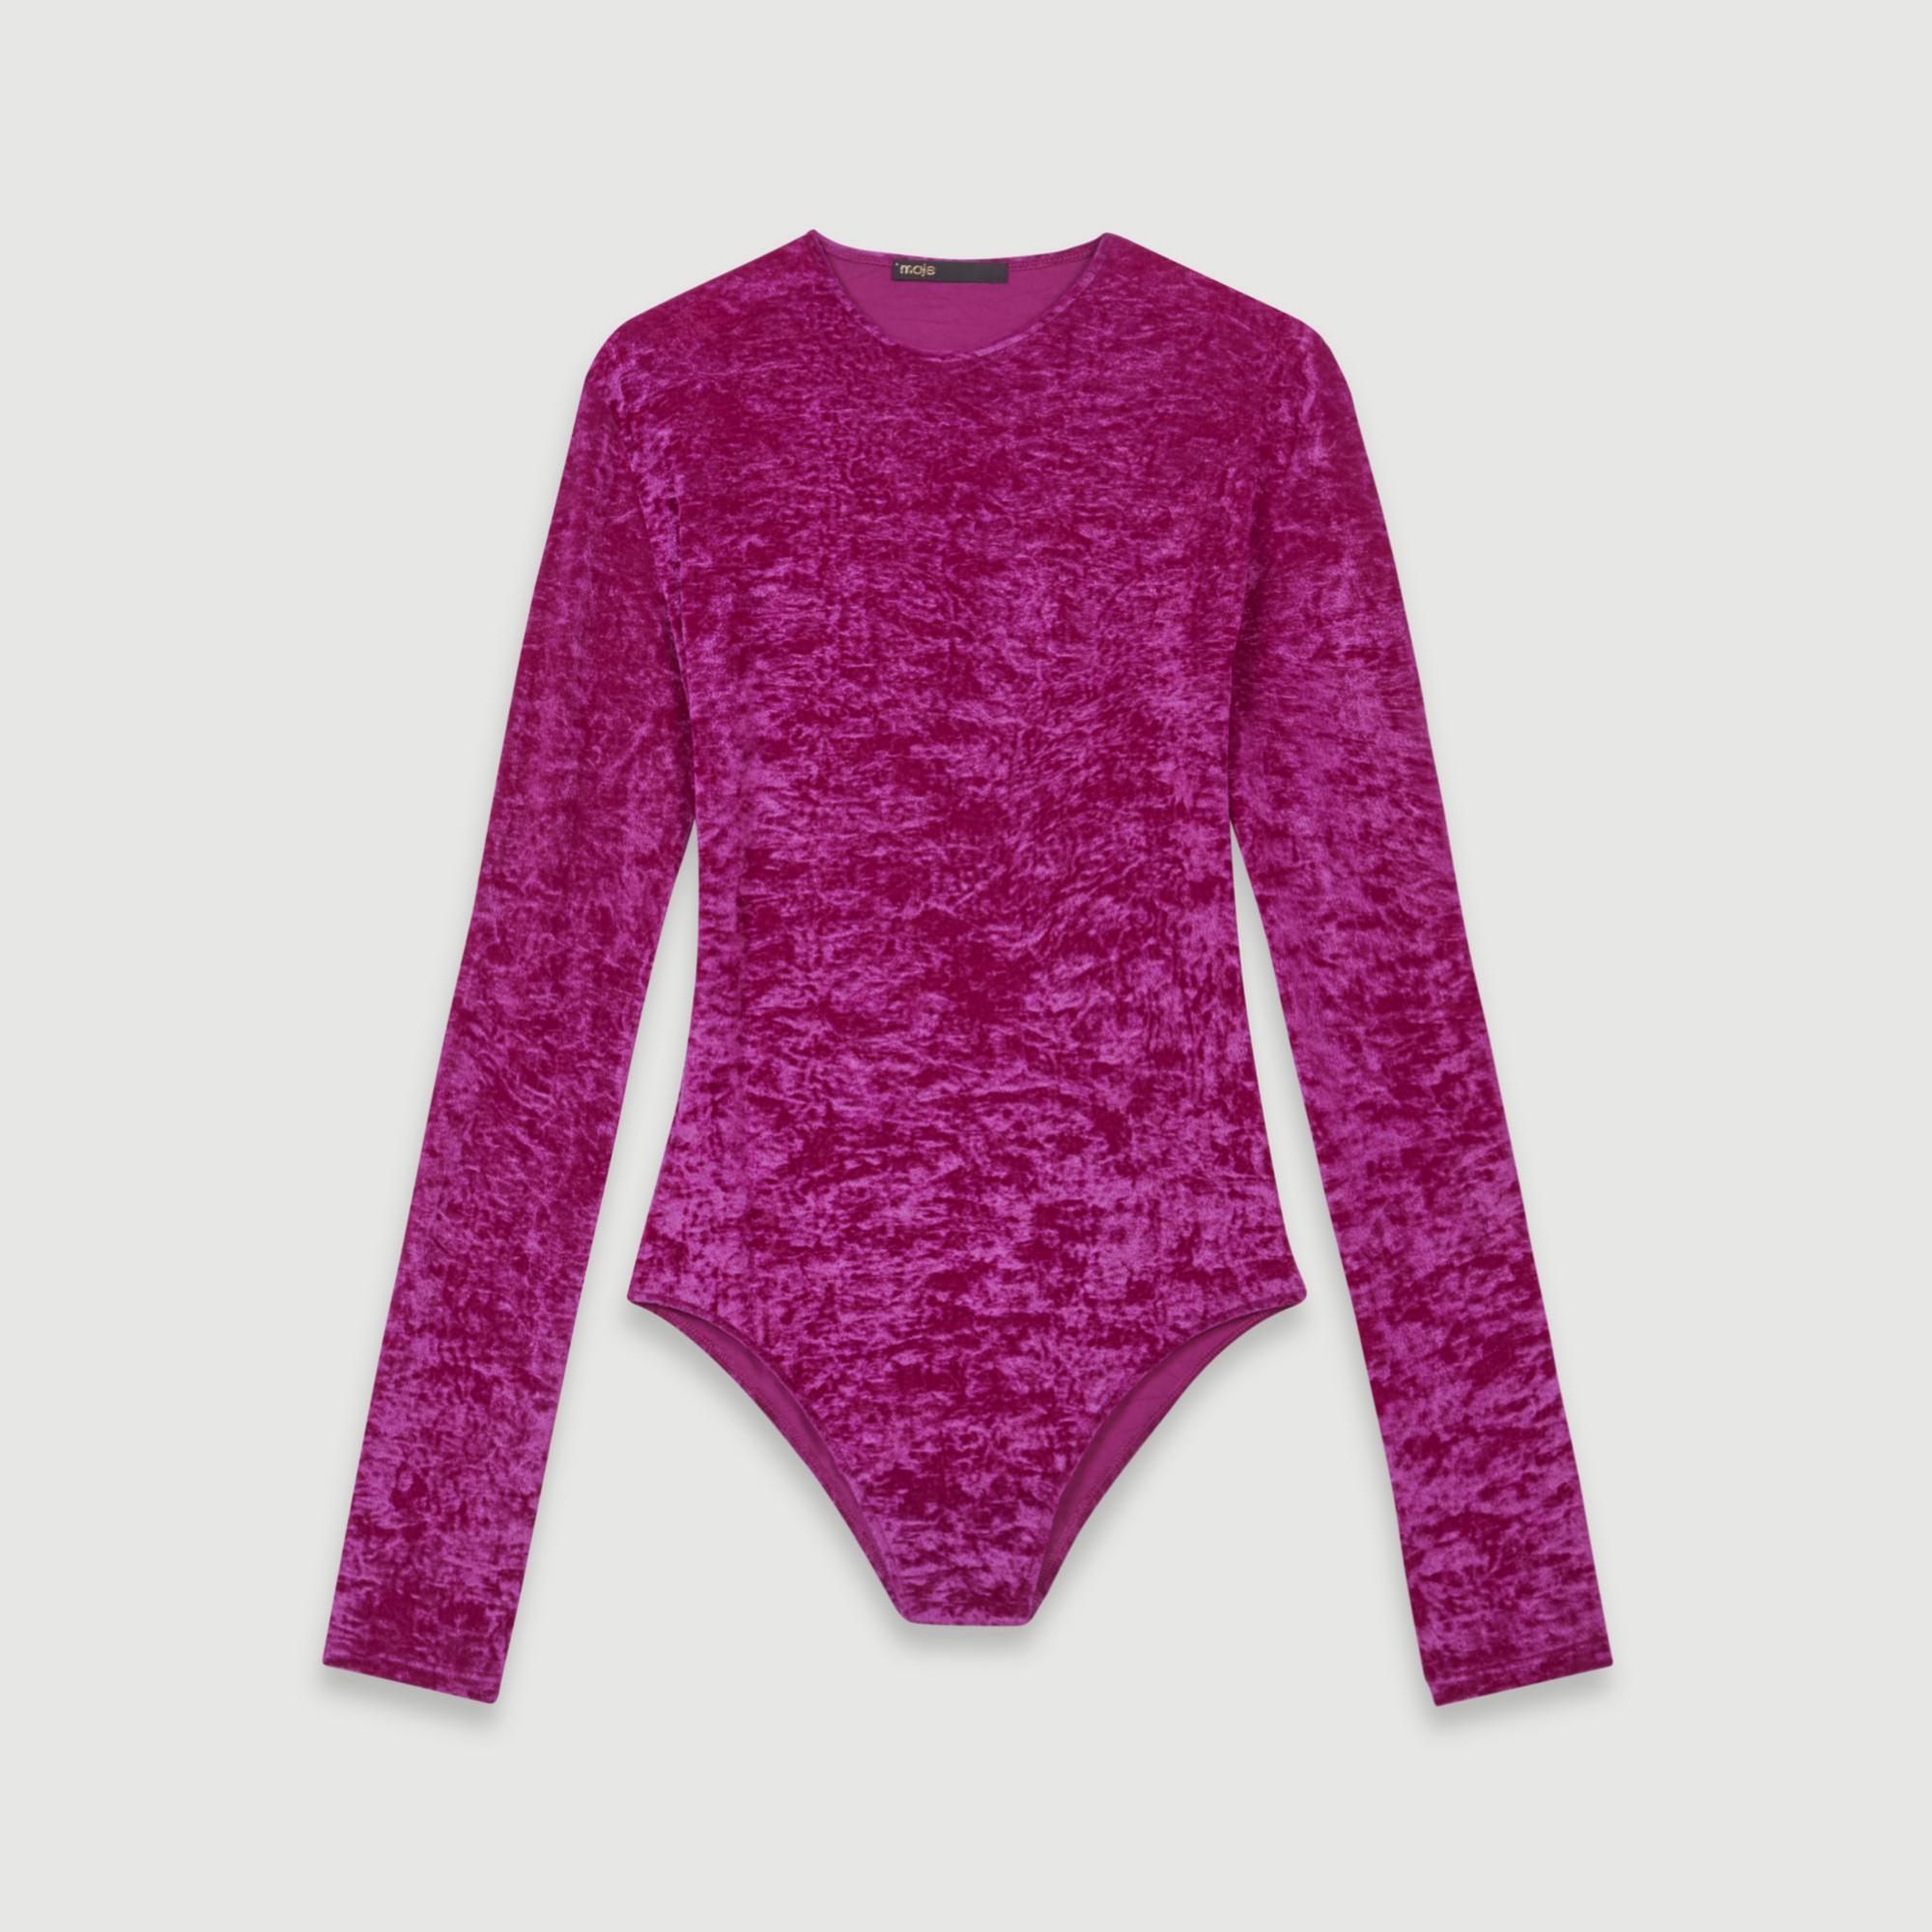 Body de terciopelo en color rosa de Maje (150¤)